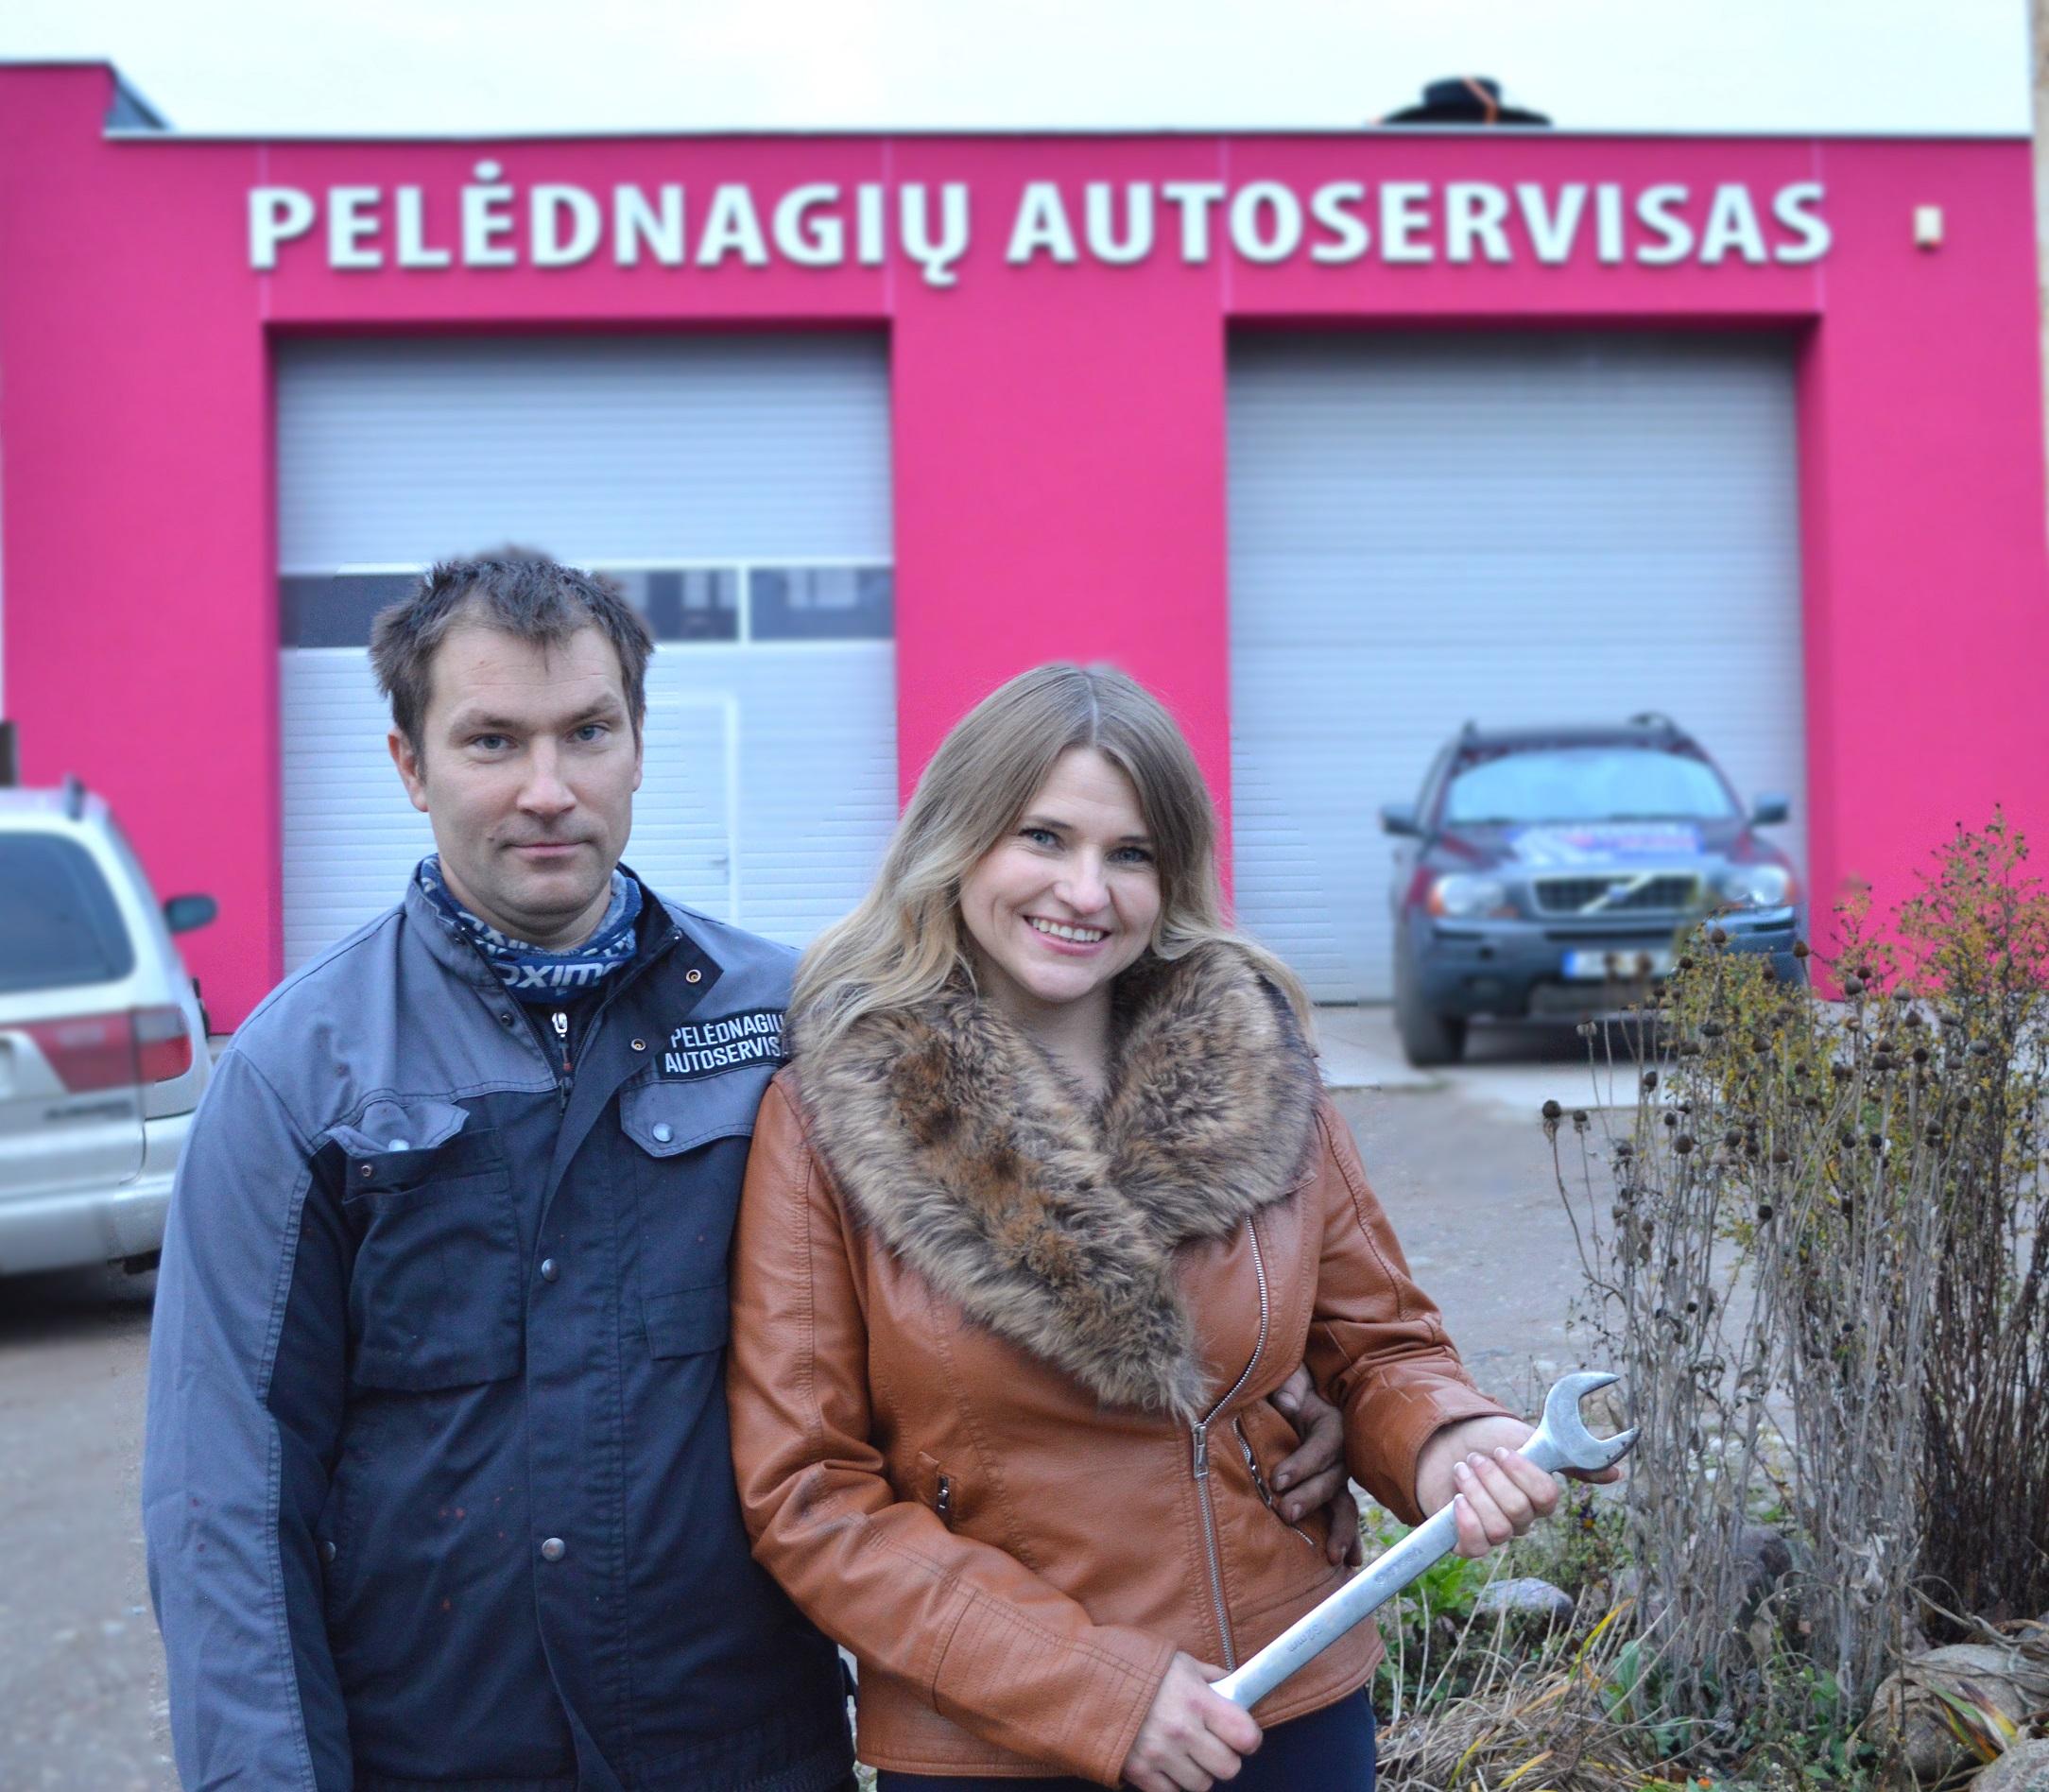 Linas ir Jovita Rozenbergai sako norintys dirbti ir gyventi Lietuvoje. Sukūrę darbo vietas sau ir dar penkiems žmonėms jie į verslą žiūri atsakingai, nebijo iššūkių ir nori išsiskirti iš kitų.